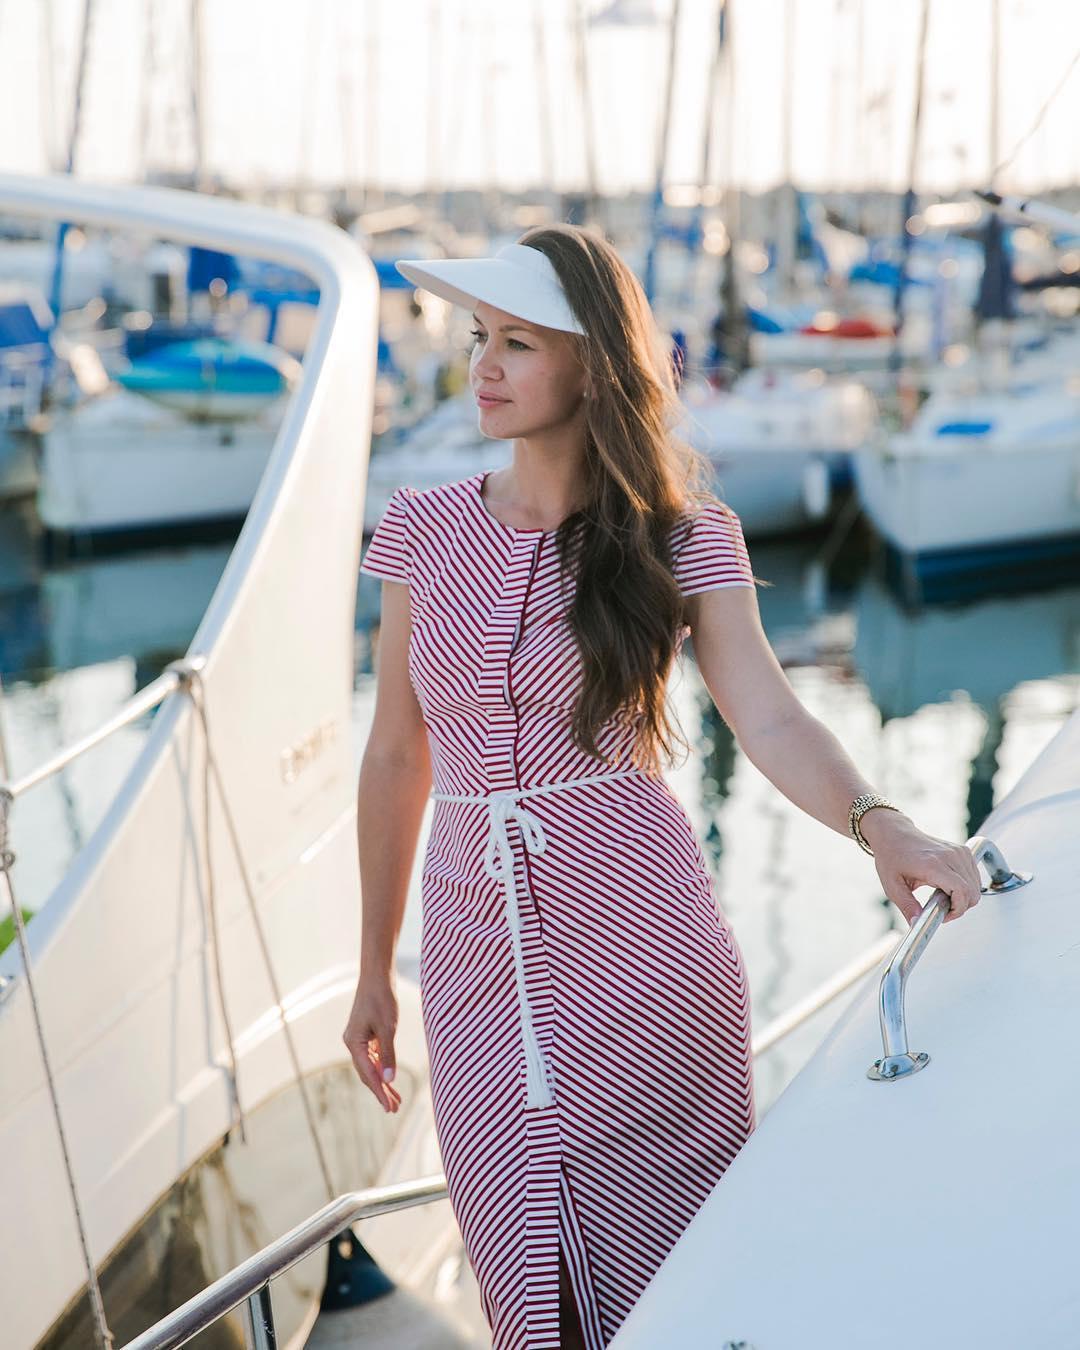 Летние платья для женщин после 40 лет